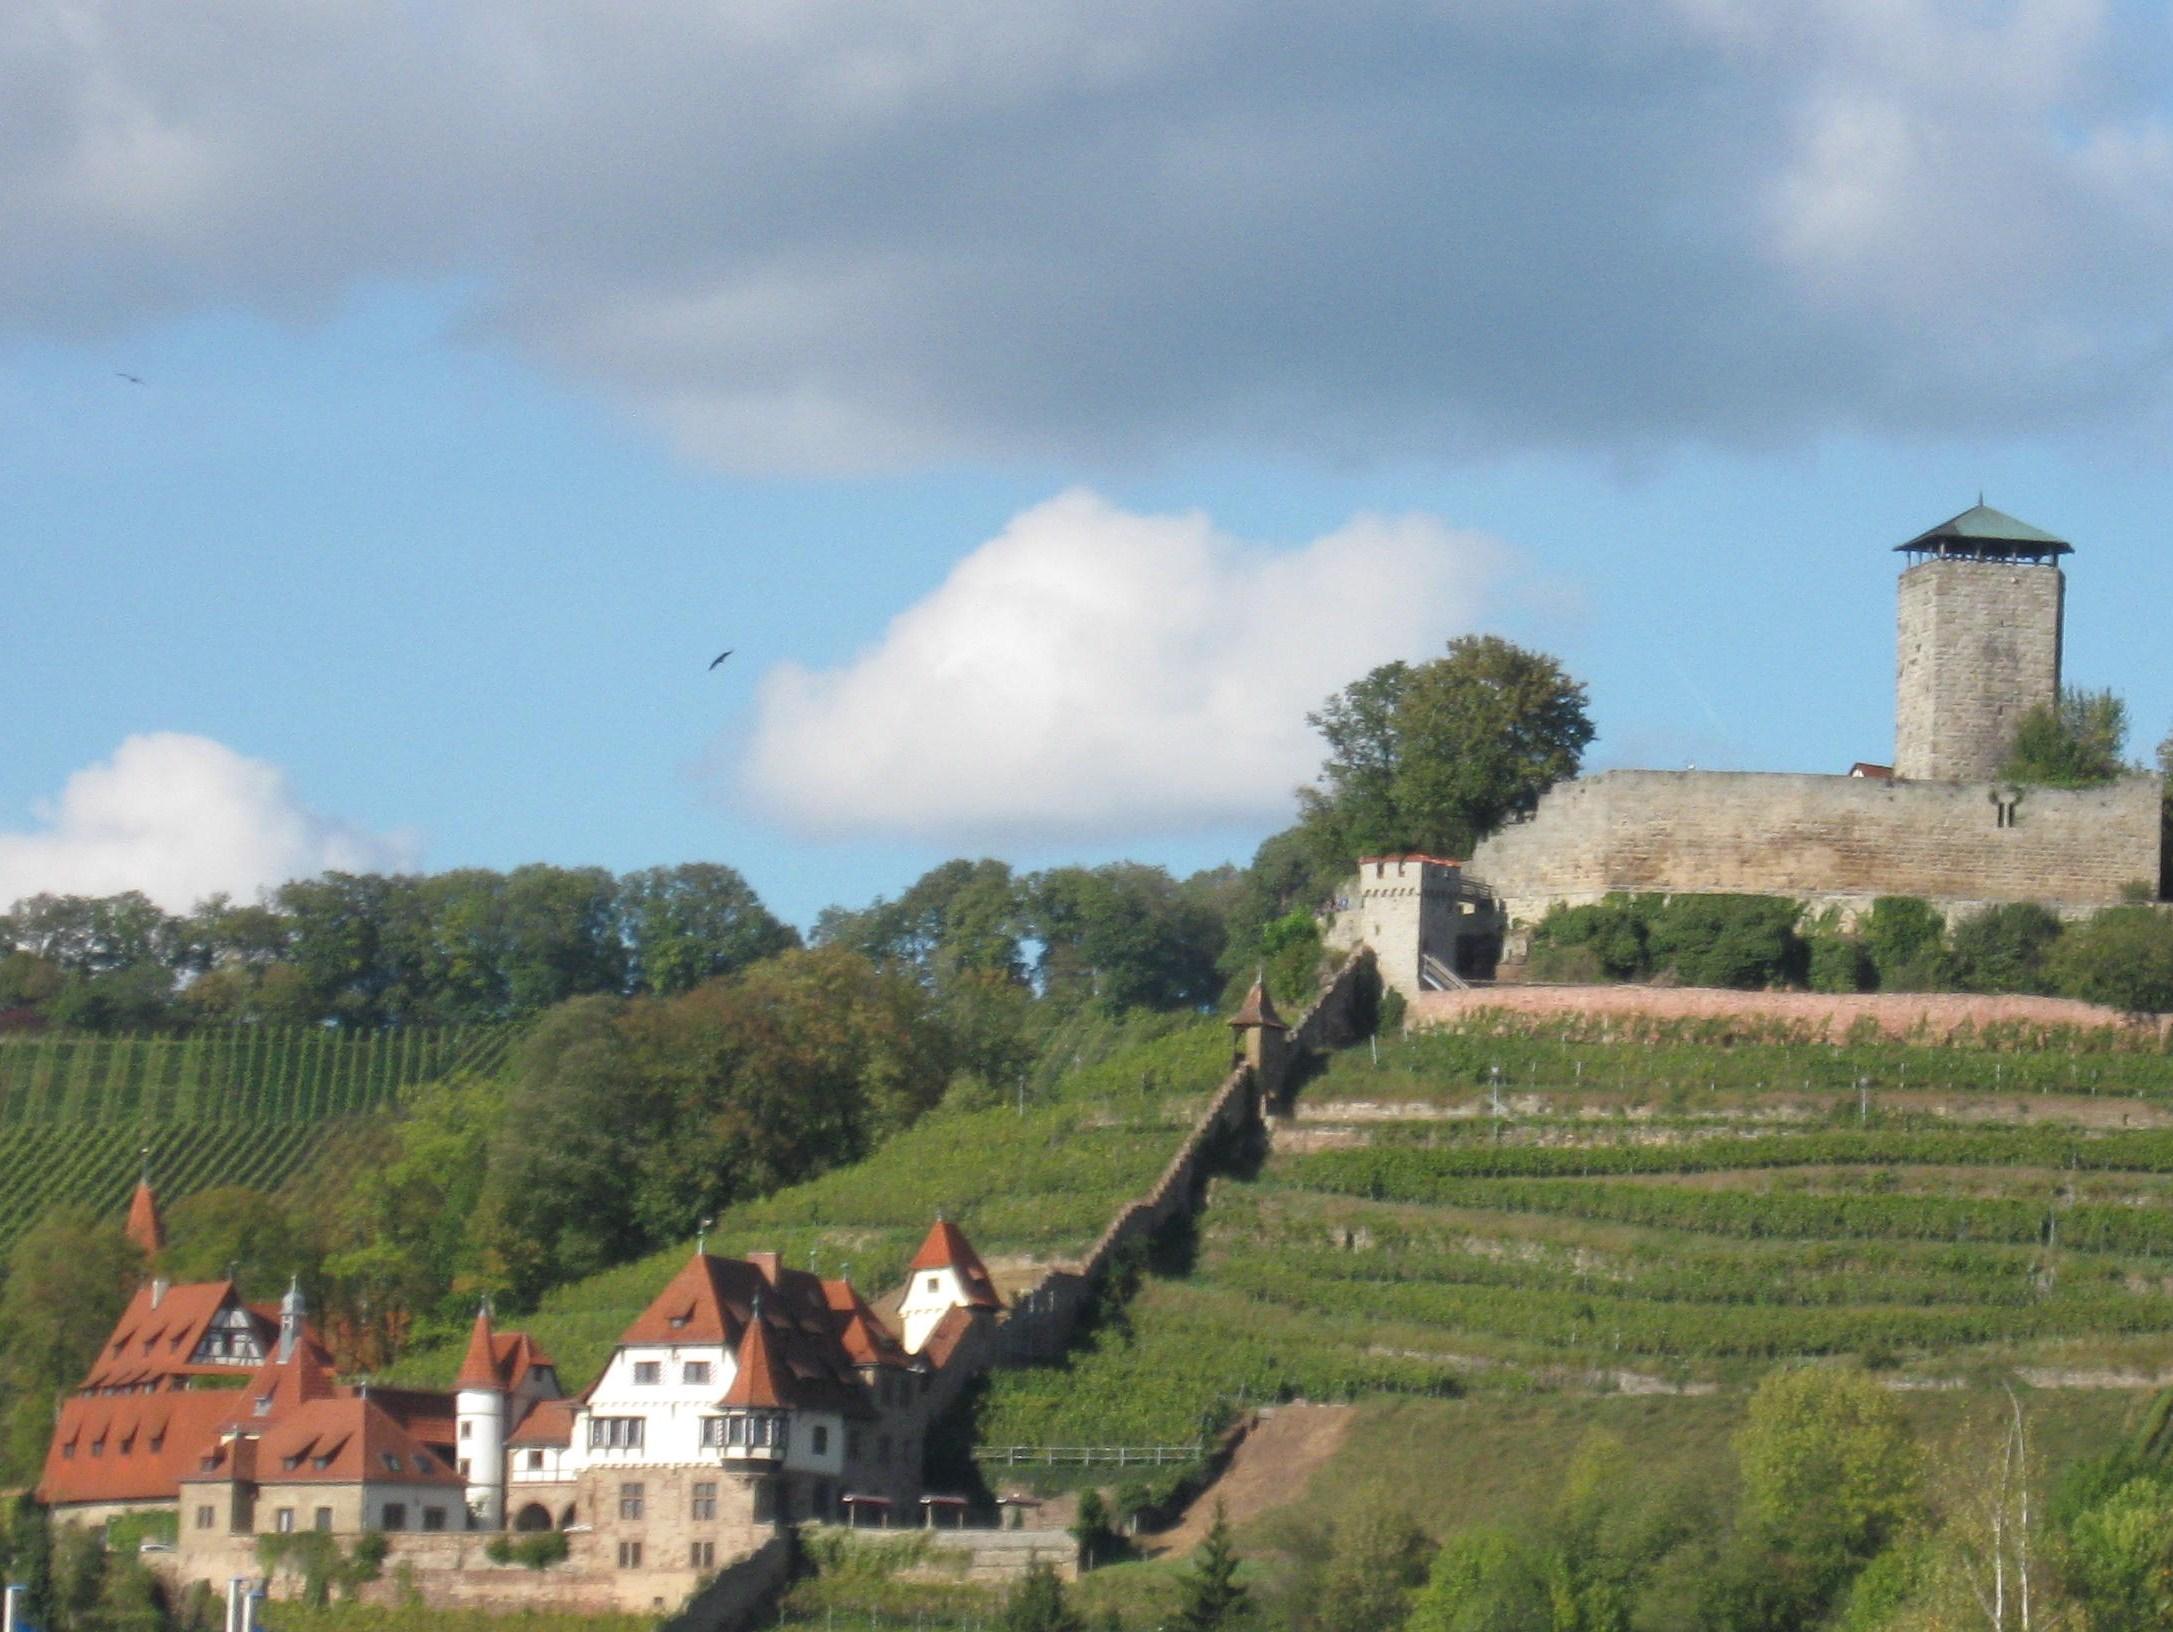 2011-10-09 Radtour Marbach 29  Burg Hohenbeilstein